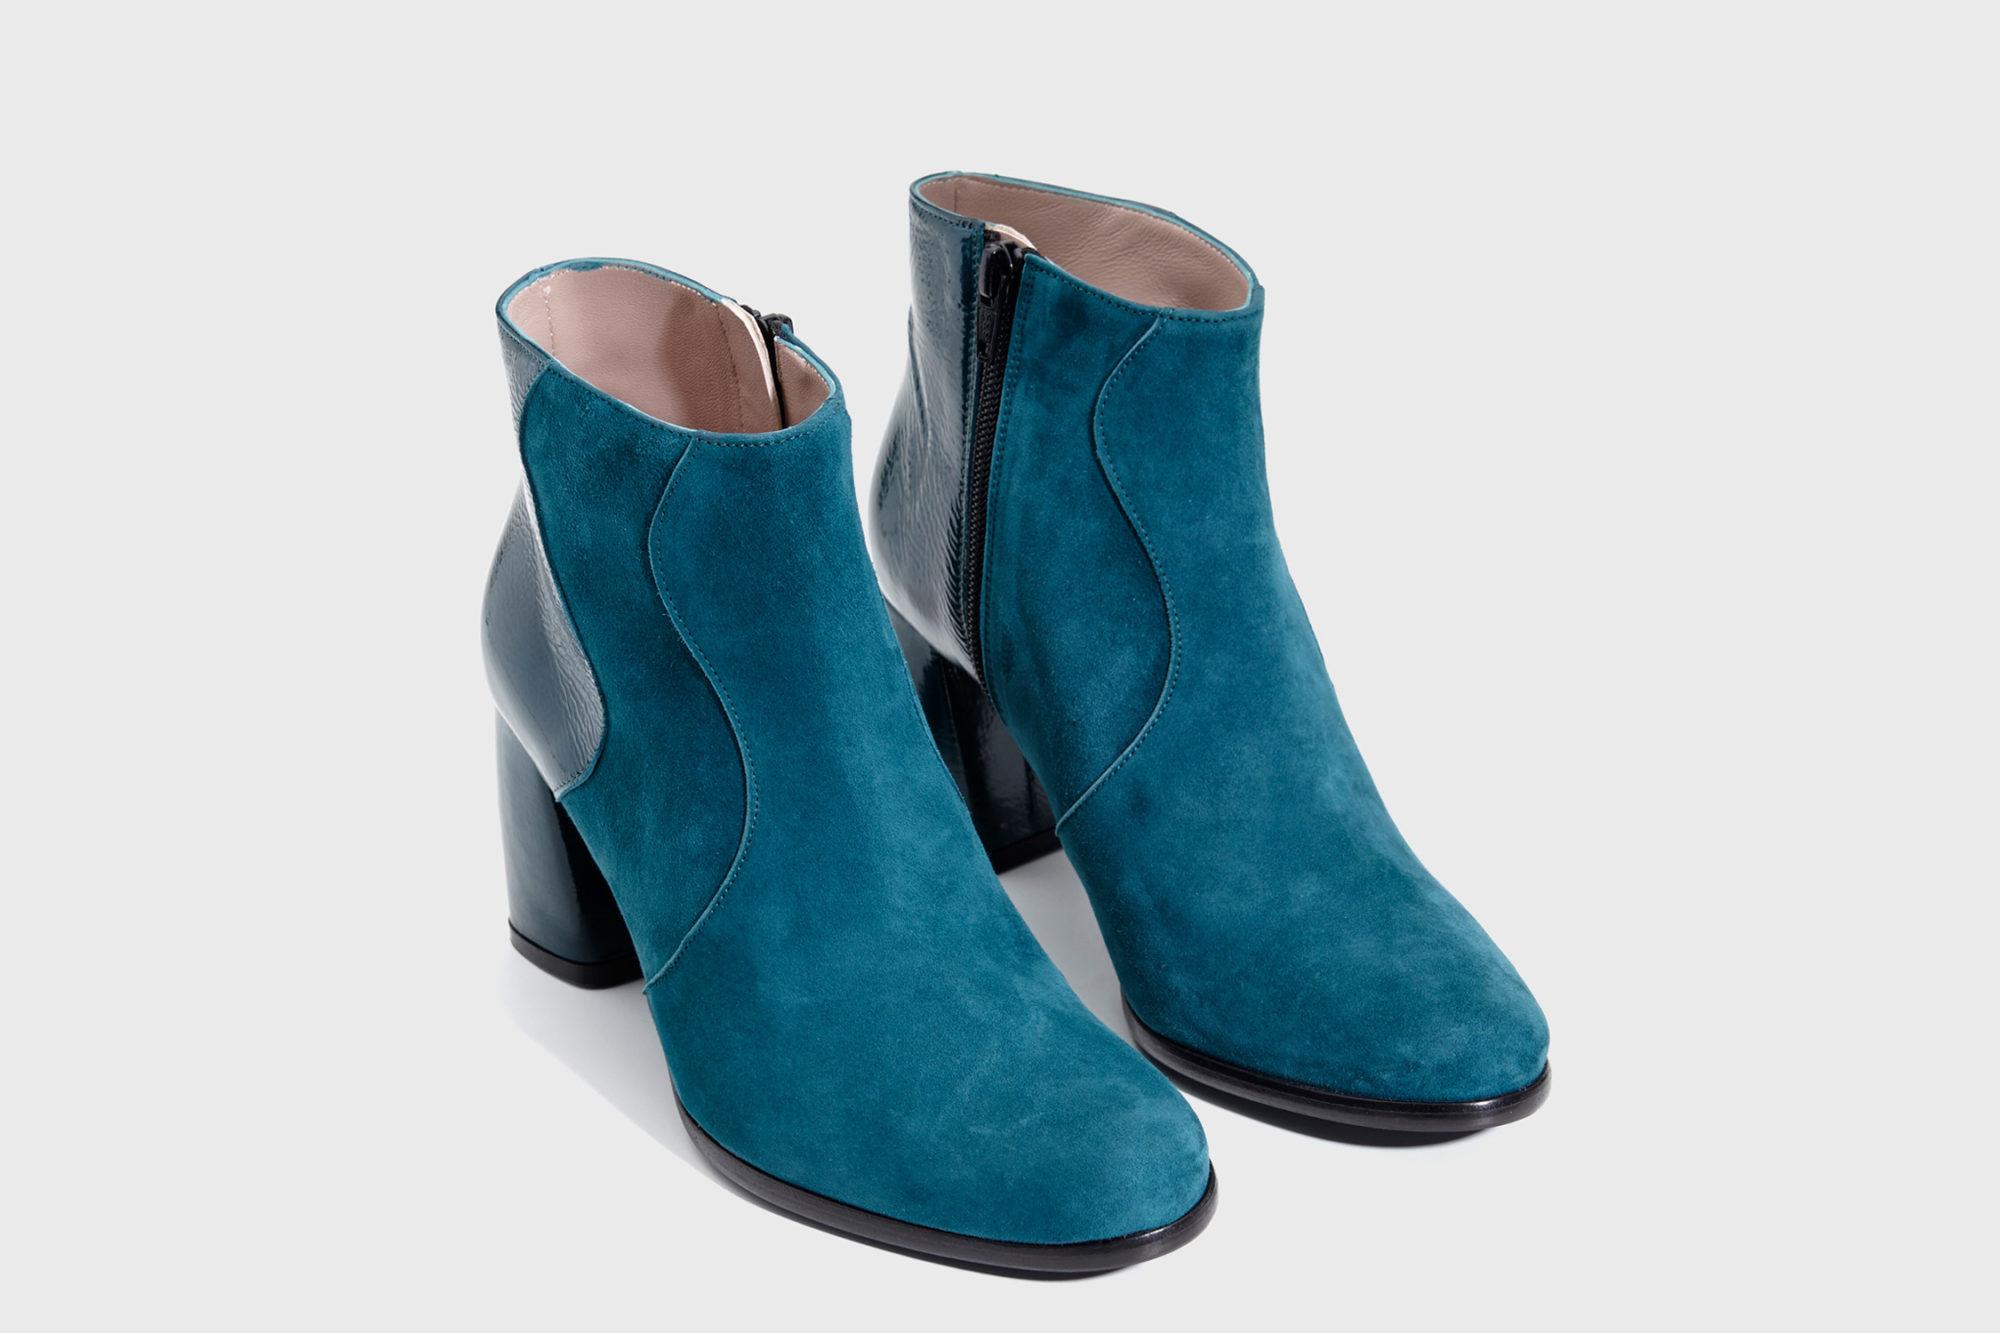 Dorotea botín de tacón alto Ruby azul lago fw17 par